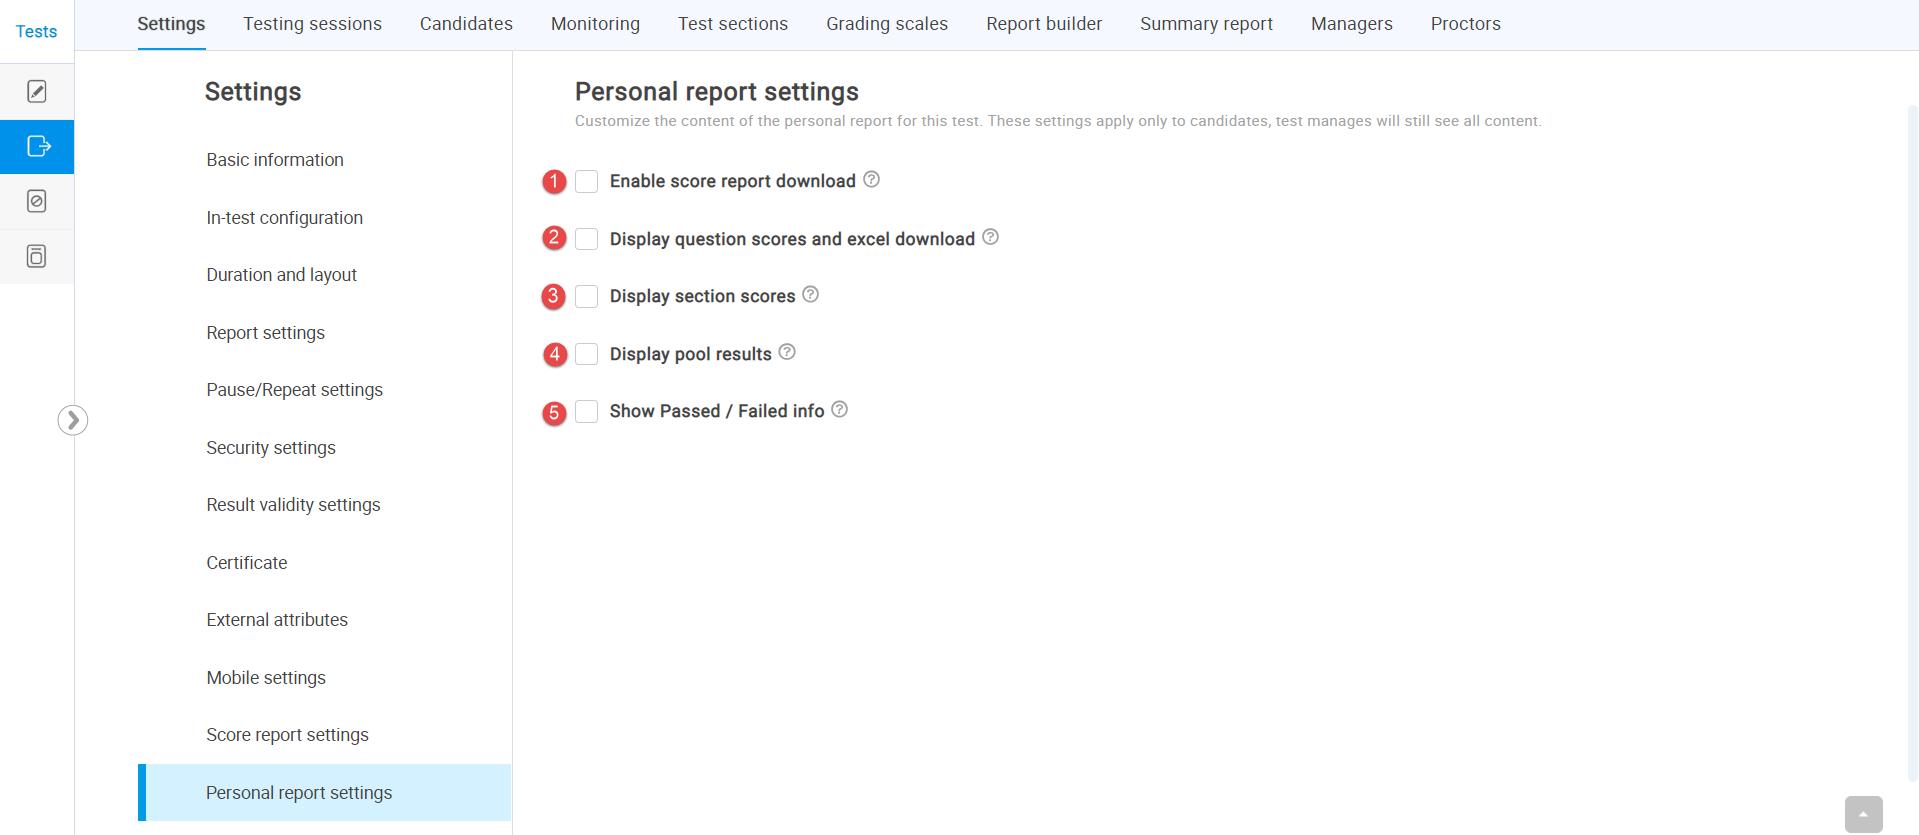 Personal report settings